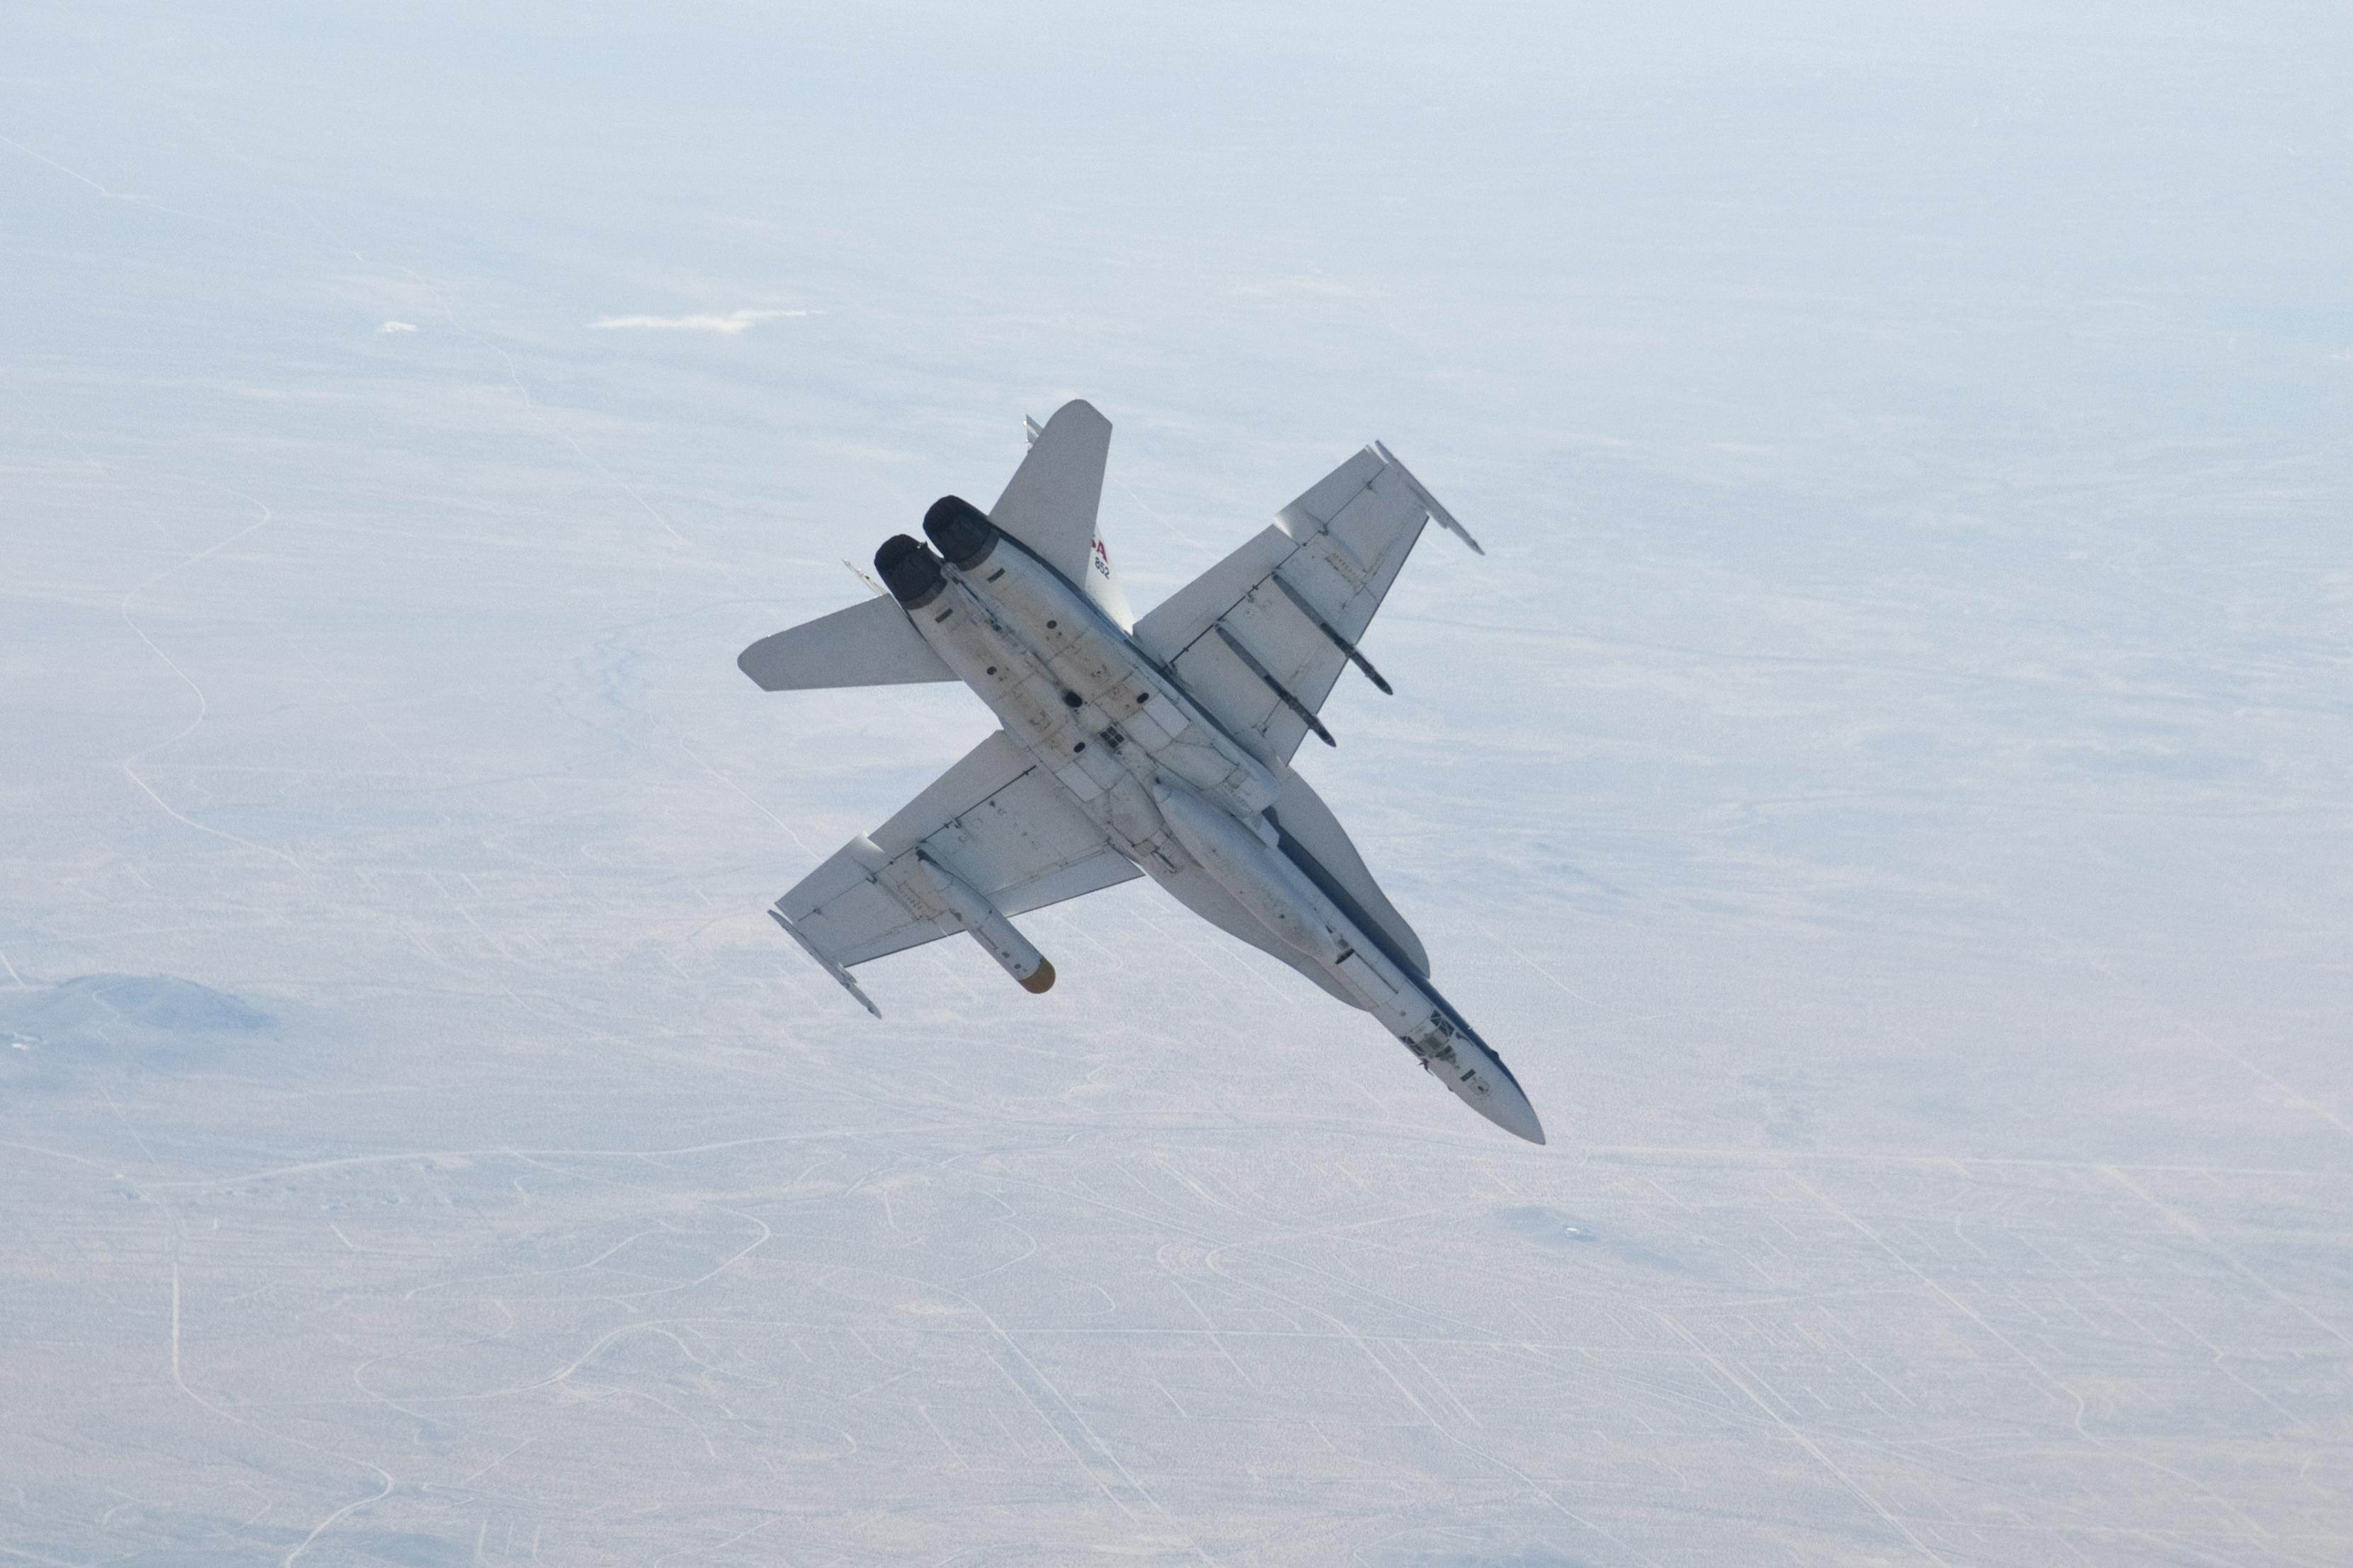 NASA - F-18 Performance / Specifications | NASA